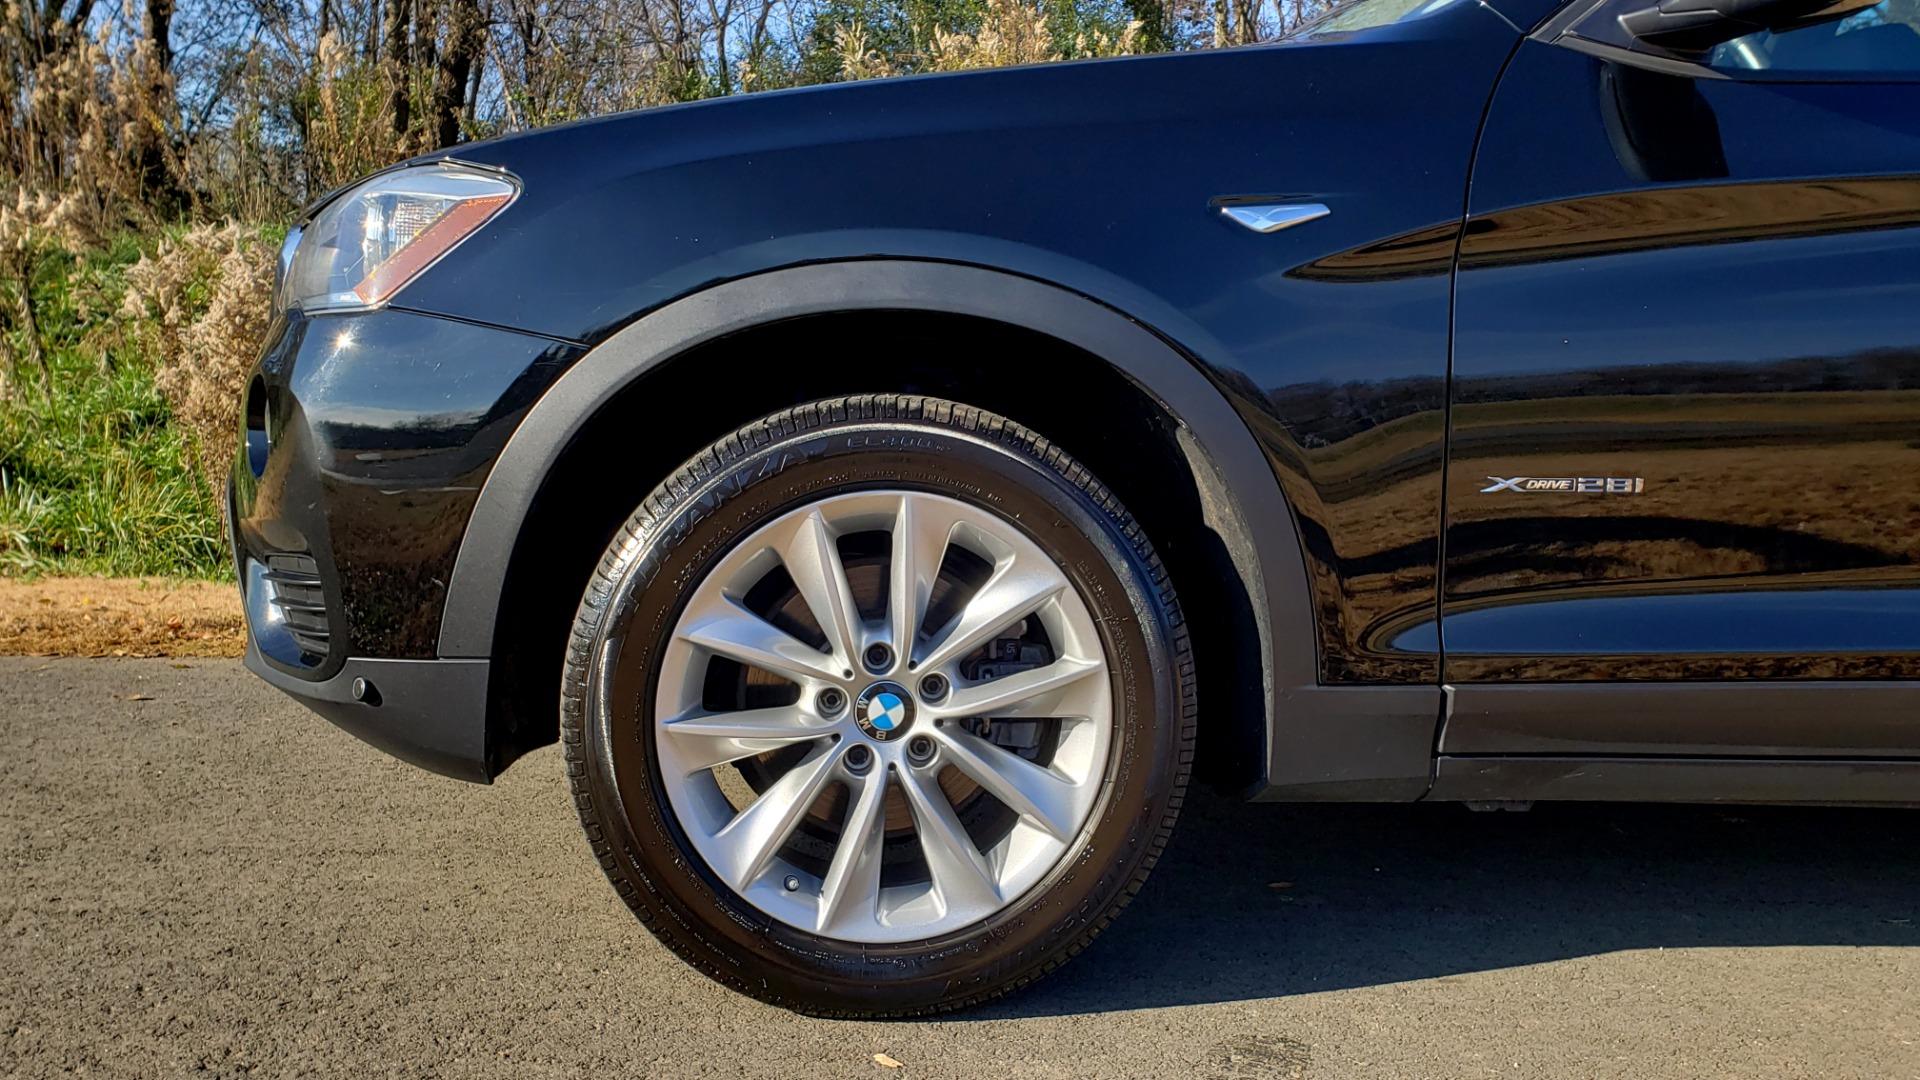 Used 2017 BMW X3 XDRIVE28I / PREM PKG / NAV / DRVR ASST / HTD STS / CAMERAS for sale Sold at Formula Imports in Charlotte NC 28227 90